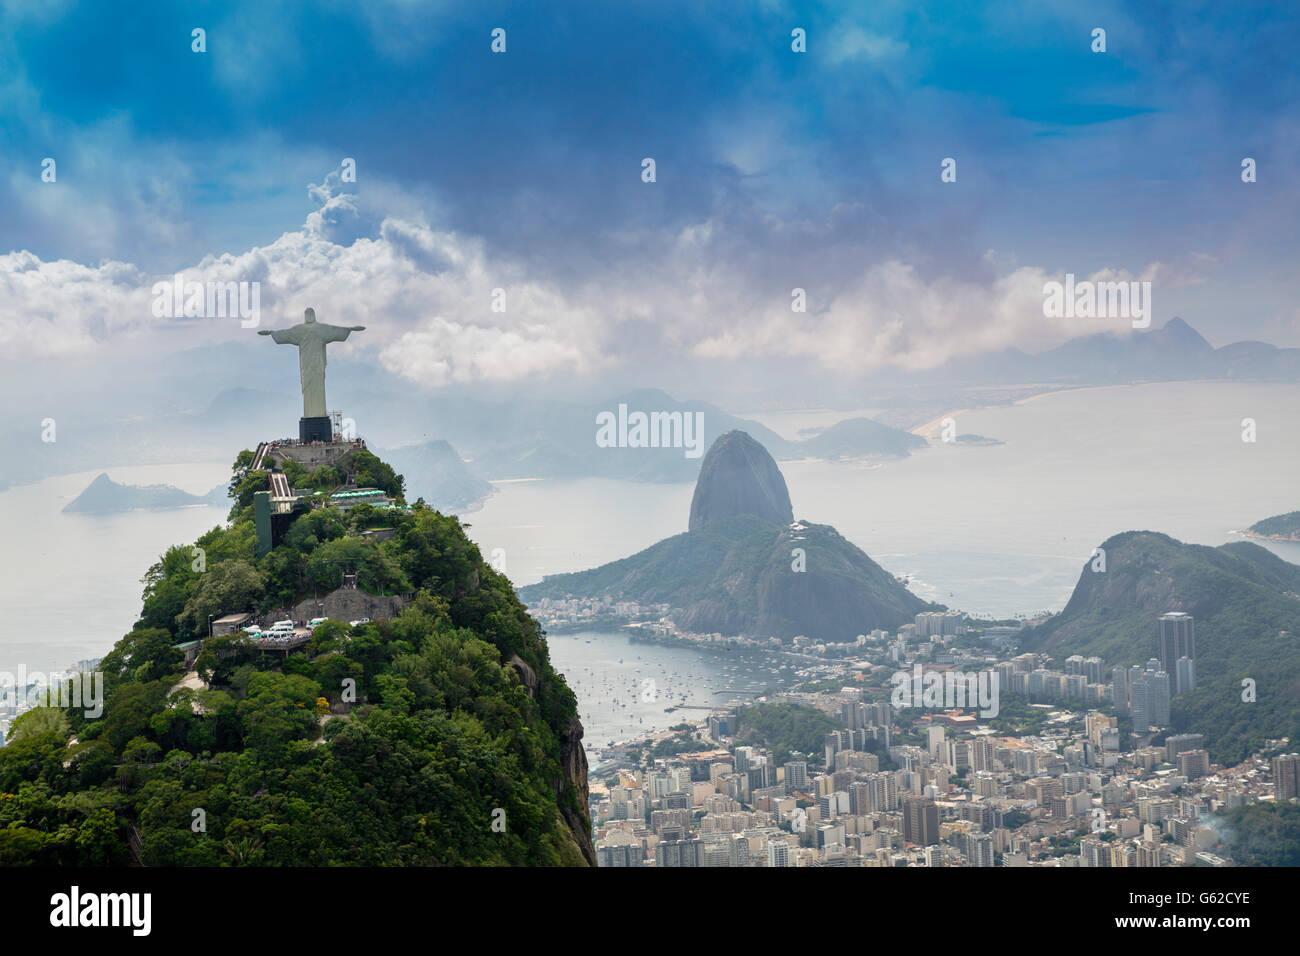 UNESCO World Heritage Listed Landschaft von Rio De Janeiro, mit Christus der Erlöser (Cristo Redentor) Statue Stockbild